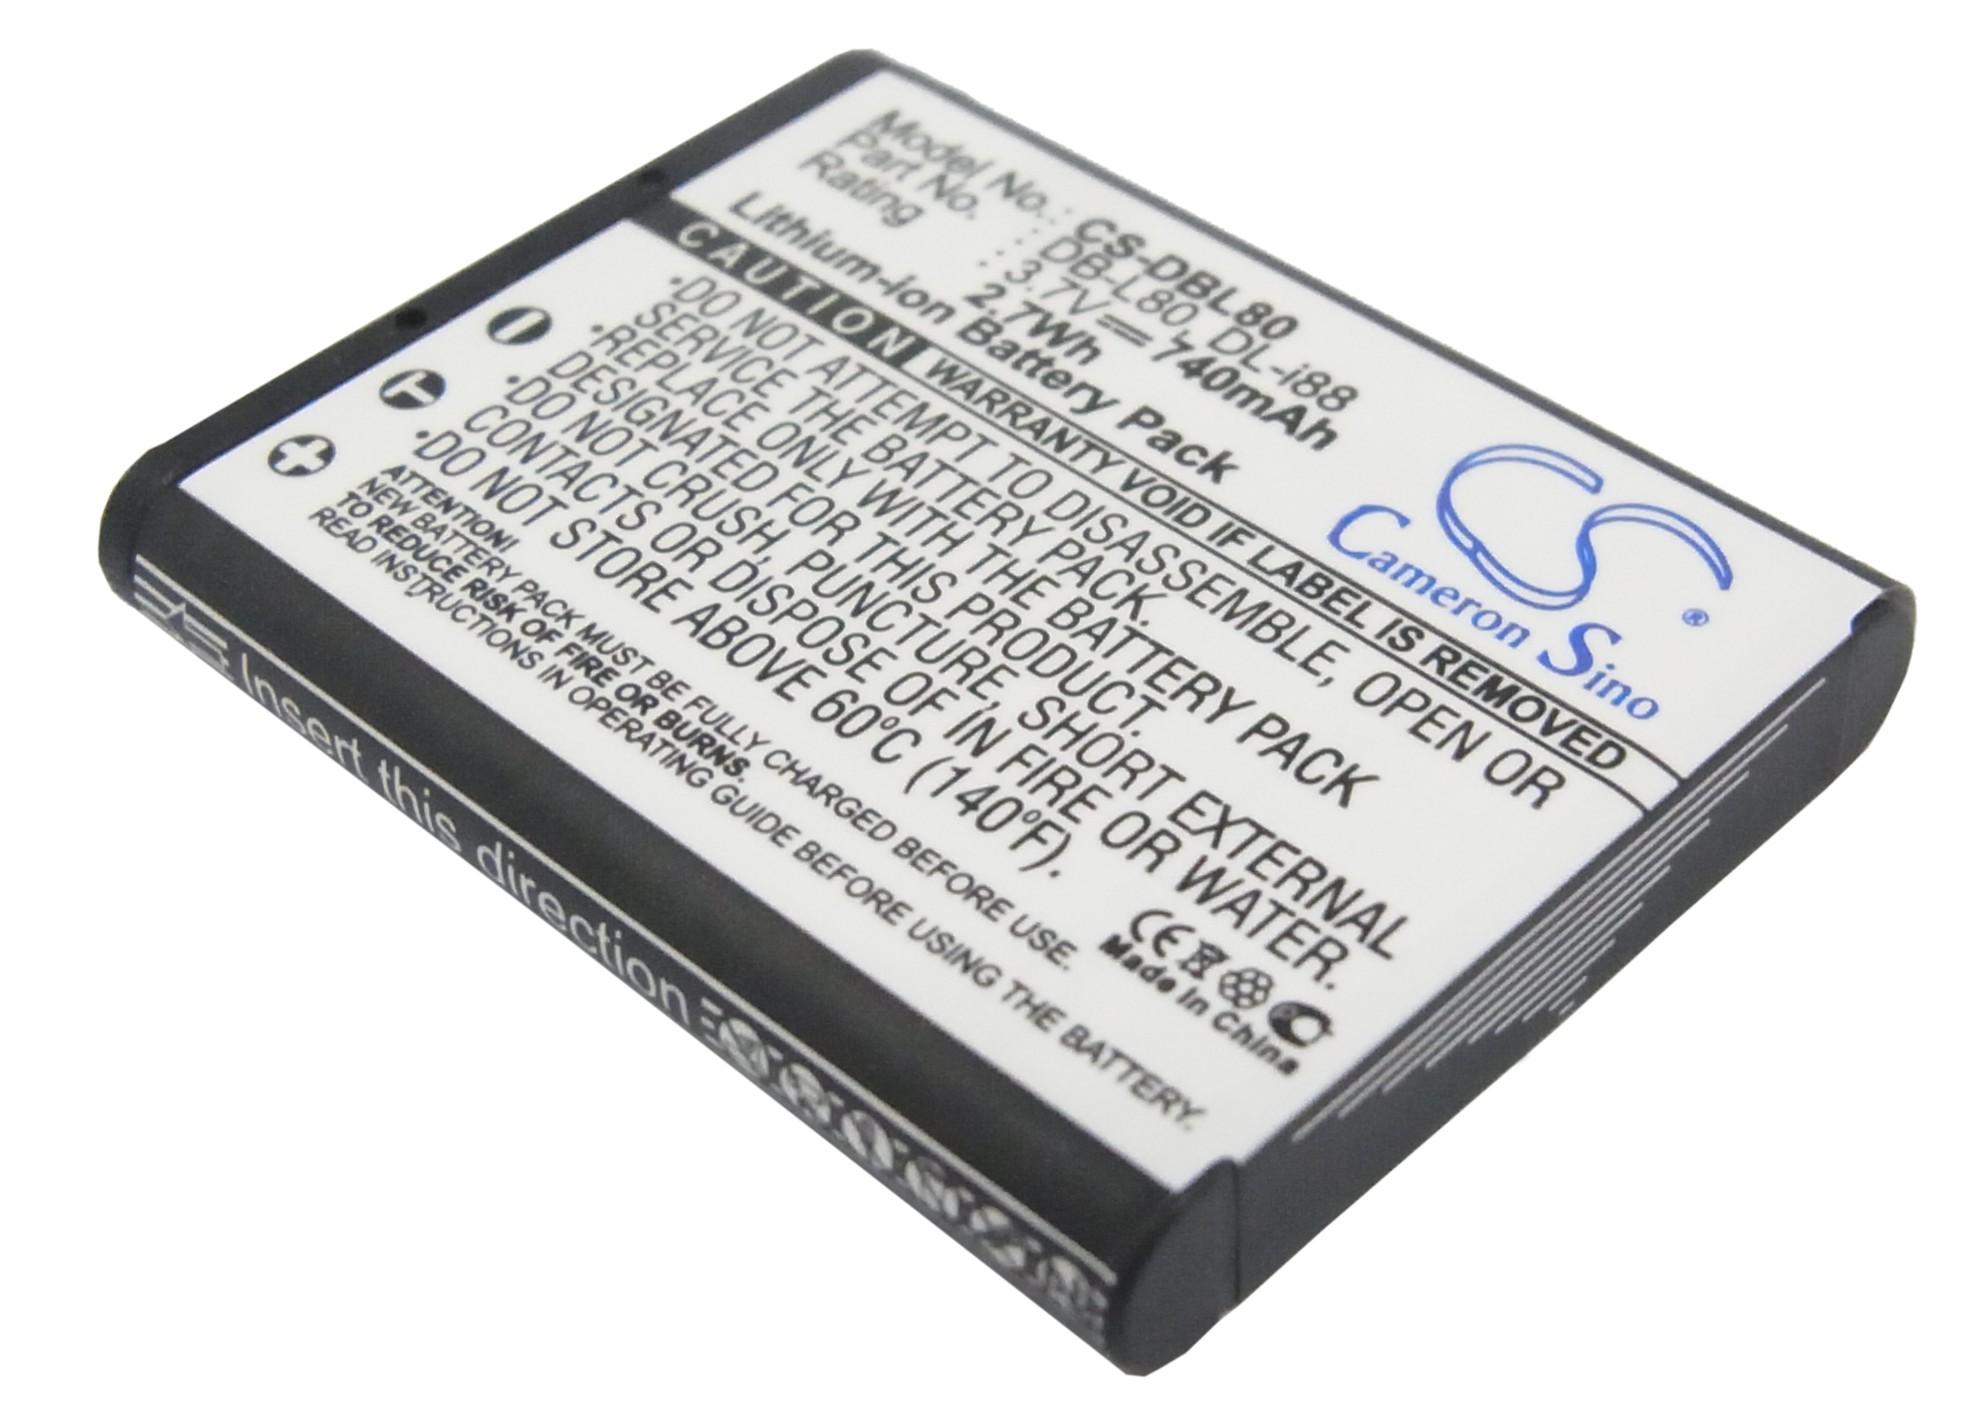 Cameron Sino baterie do kamer a fotoaparátů pro SANYO Xacti VPC-CG100 3.7V Li-ion 740mAh černá - neoriginální